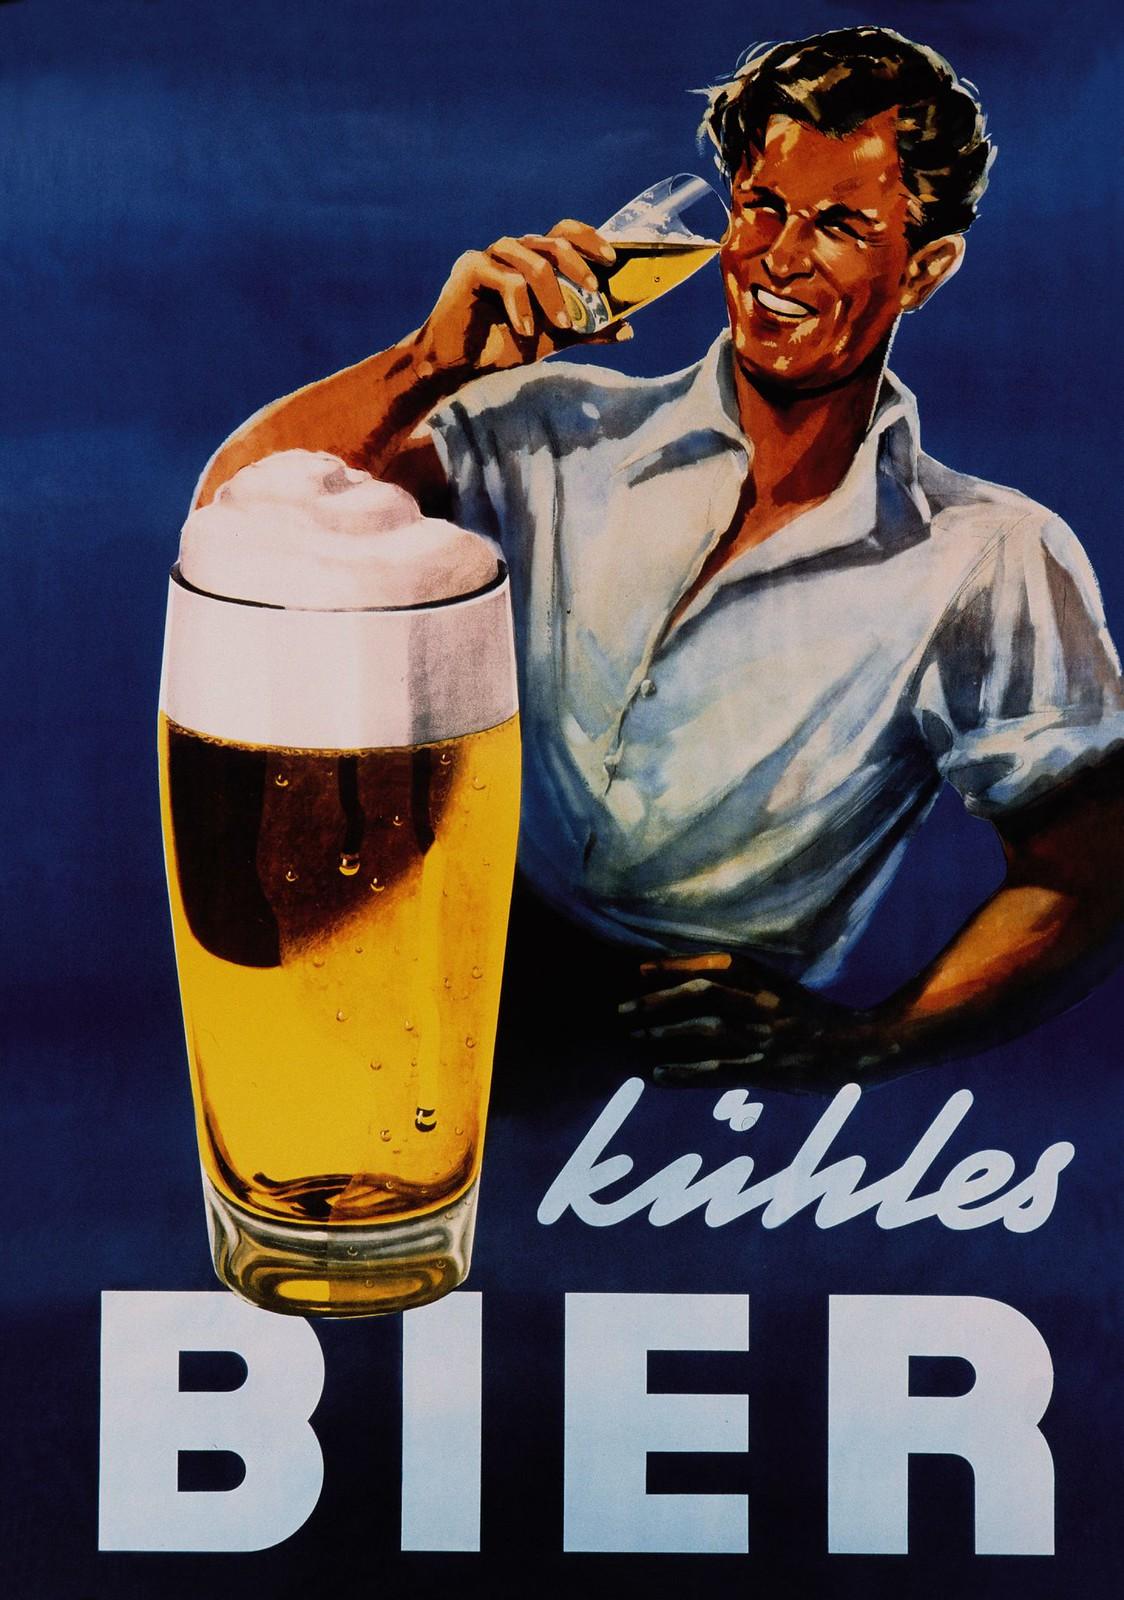 Kuhles-Bier-dude